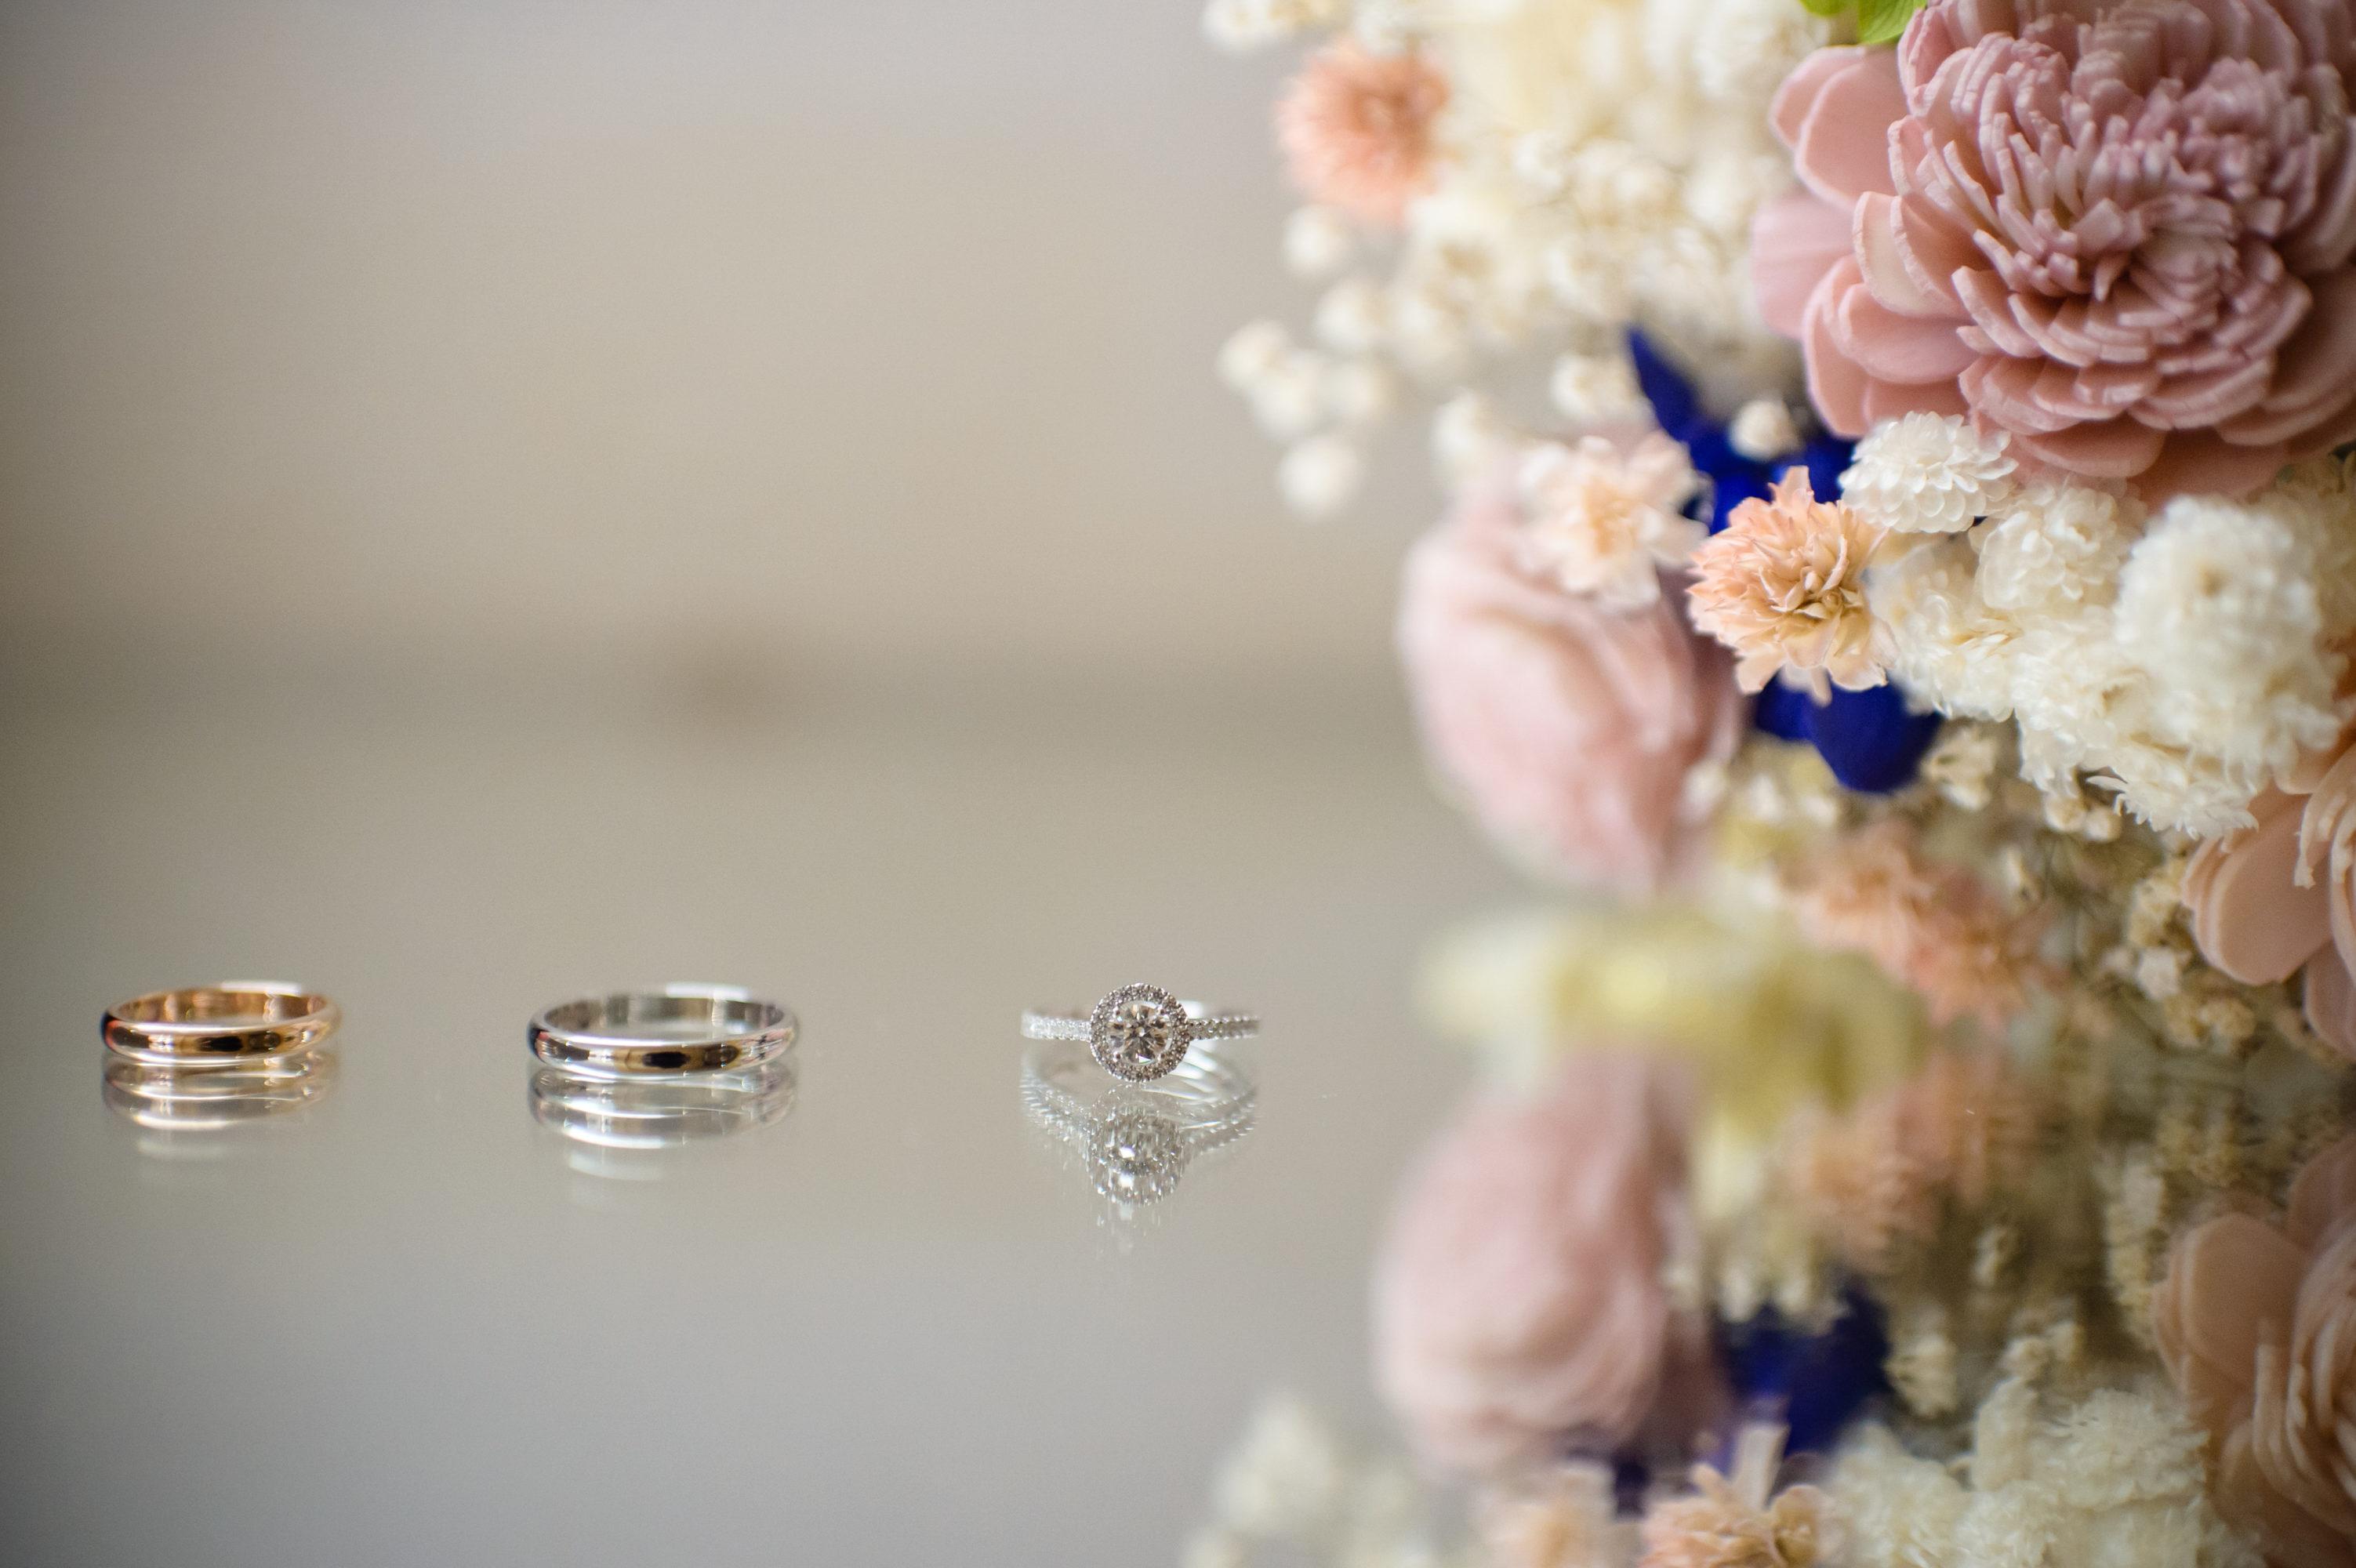 婚禮紀錄 / 婚禮攝影 服務內容說明